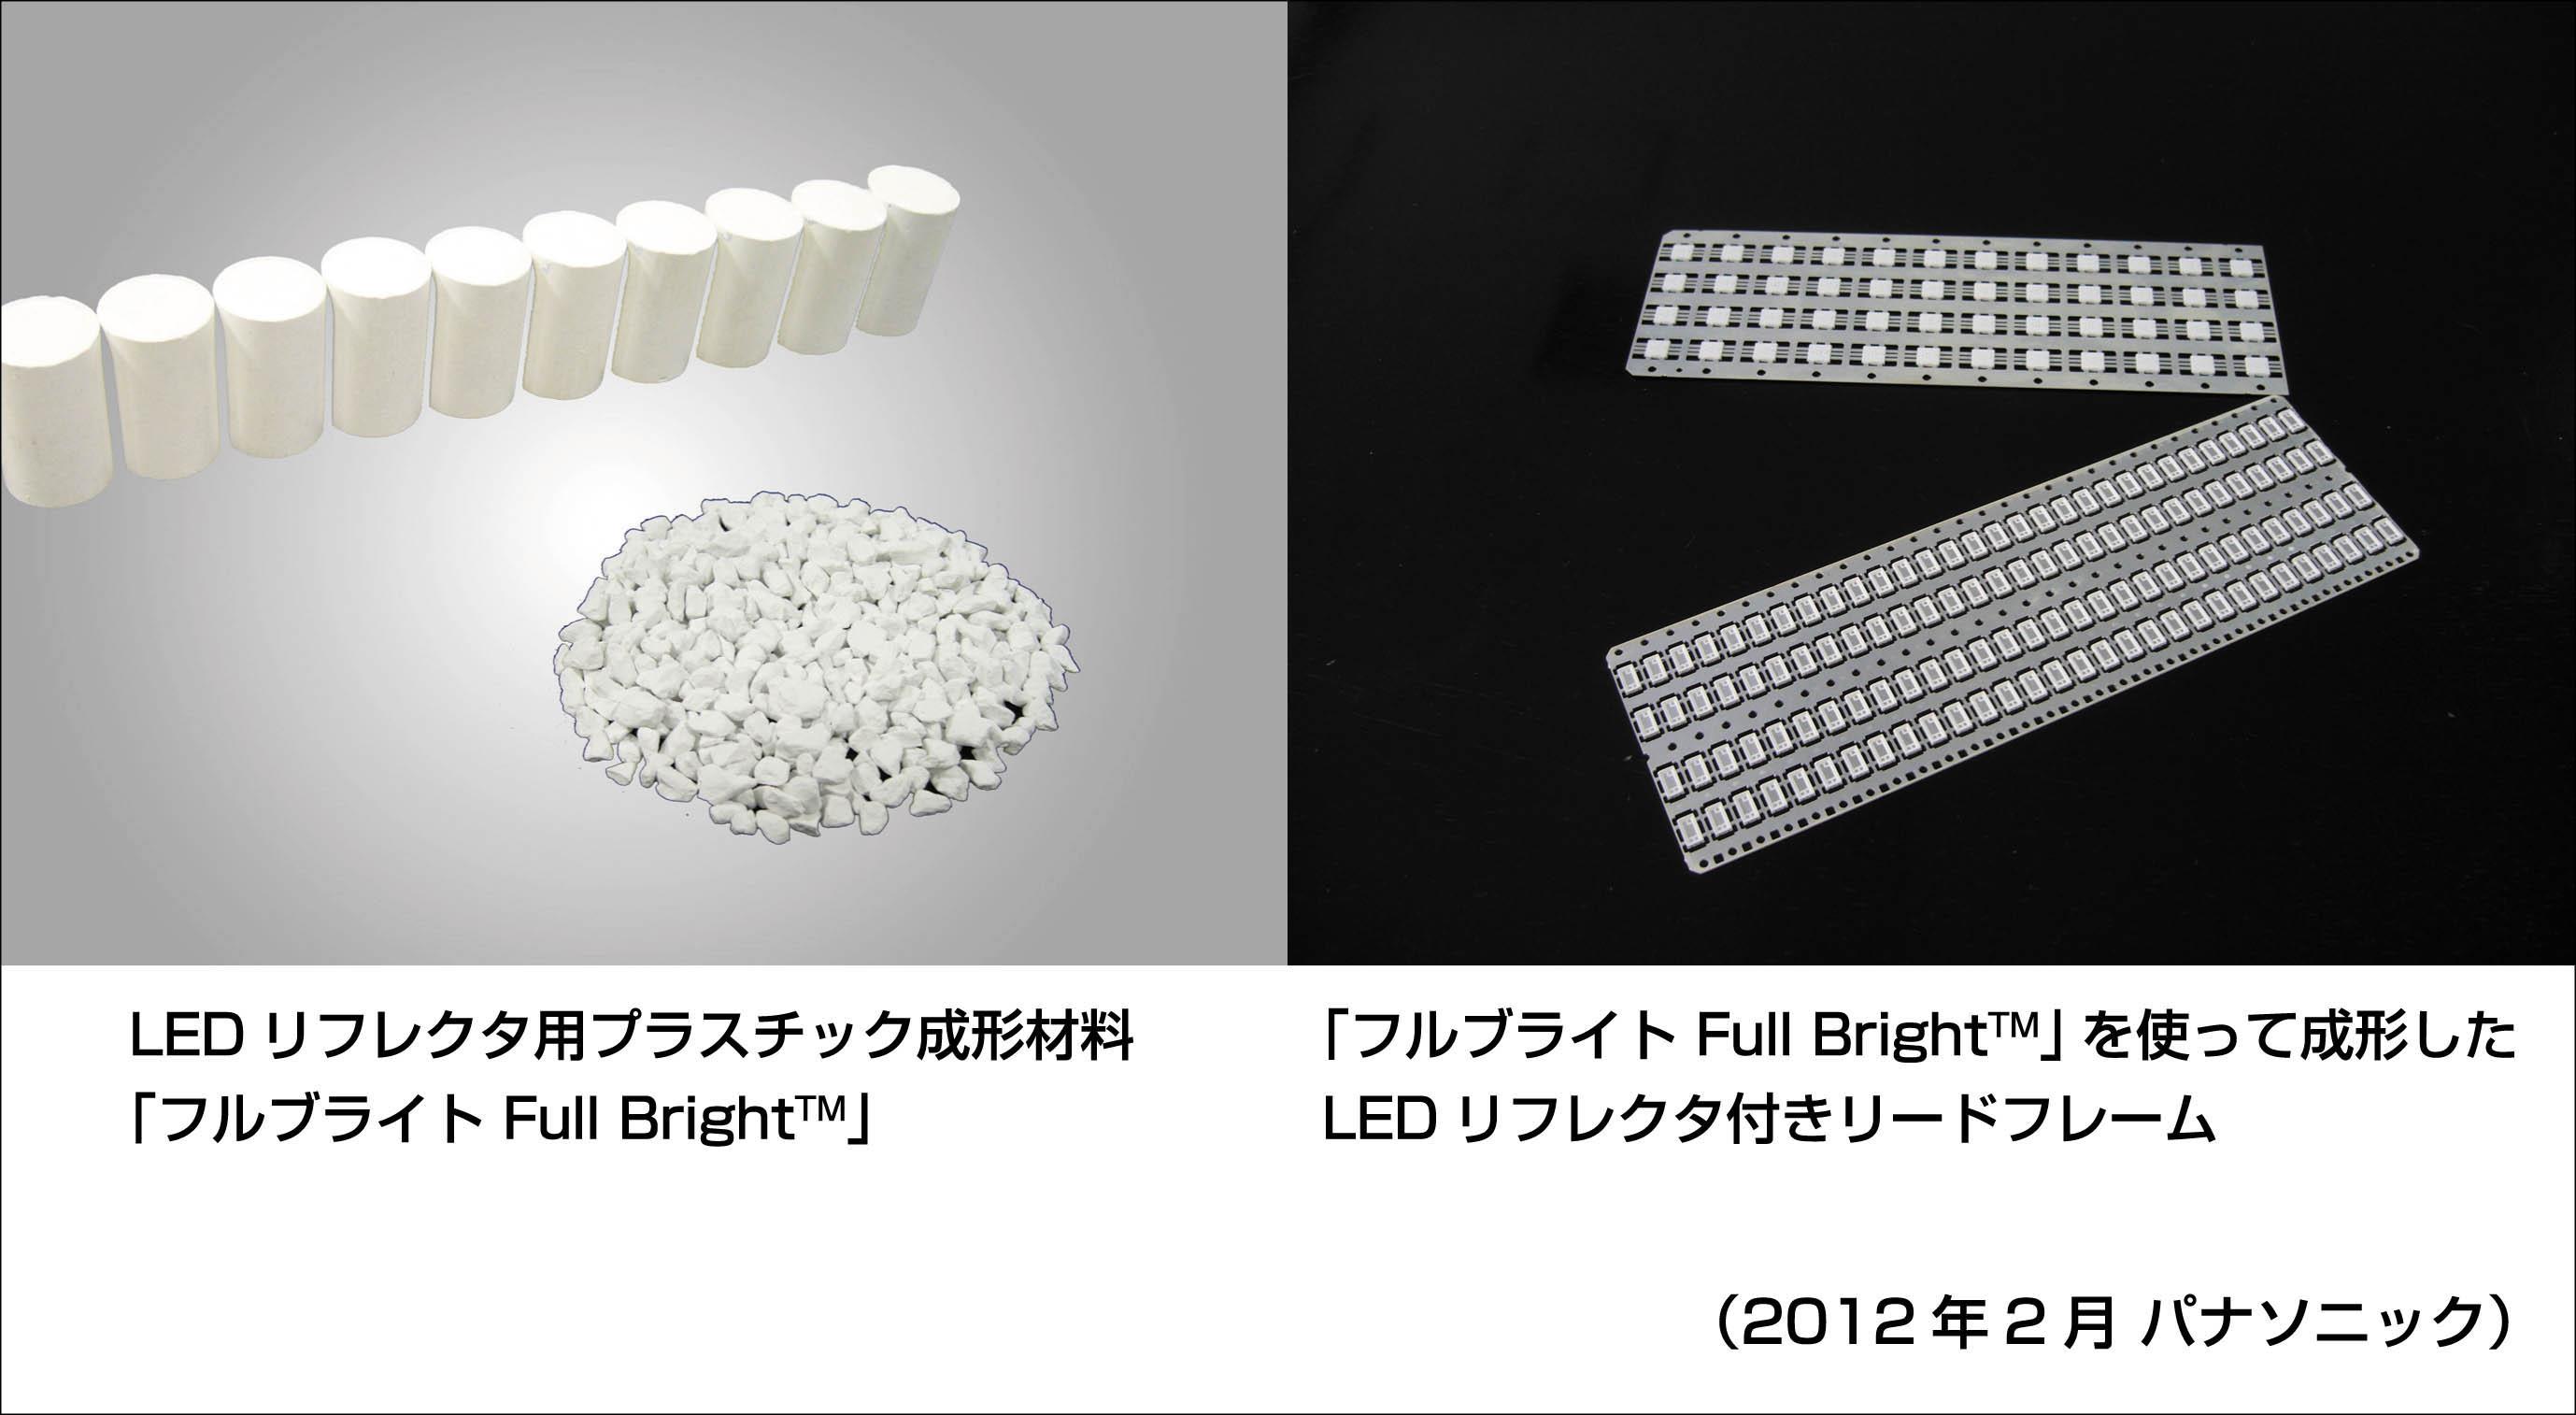 フルブライト Full Bright(TM)